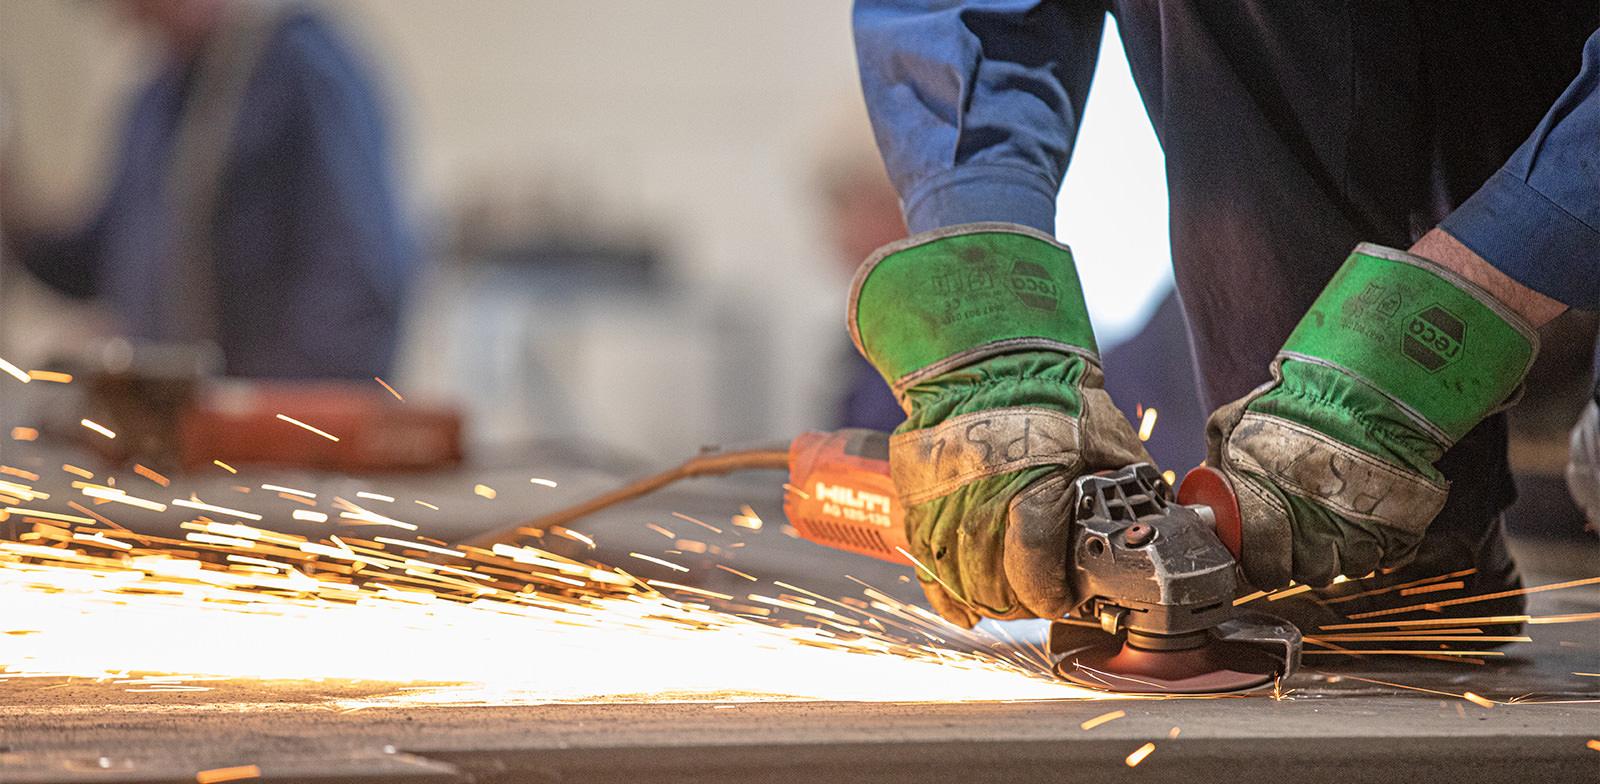 Hahner Technik: Stahlbau-Infotage – Schleifen von Stahl – Bernhard Hahner Blog